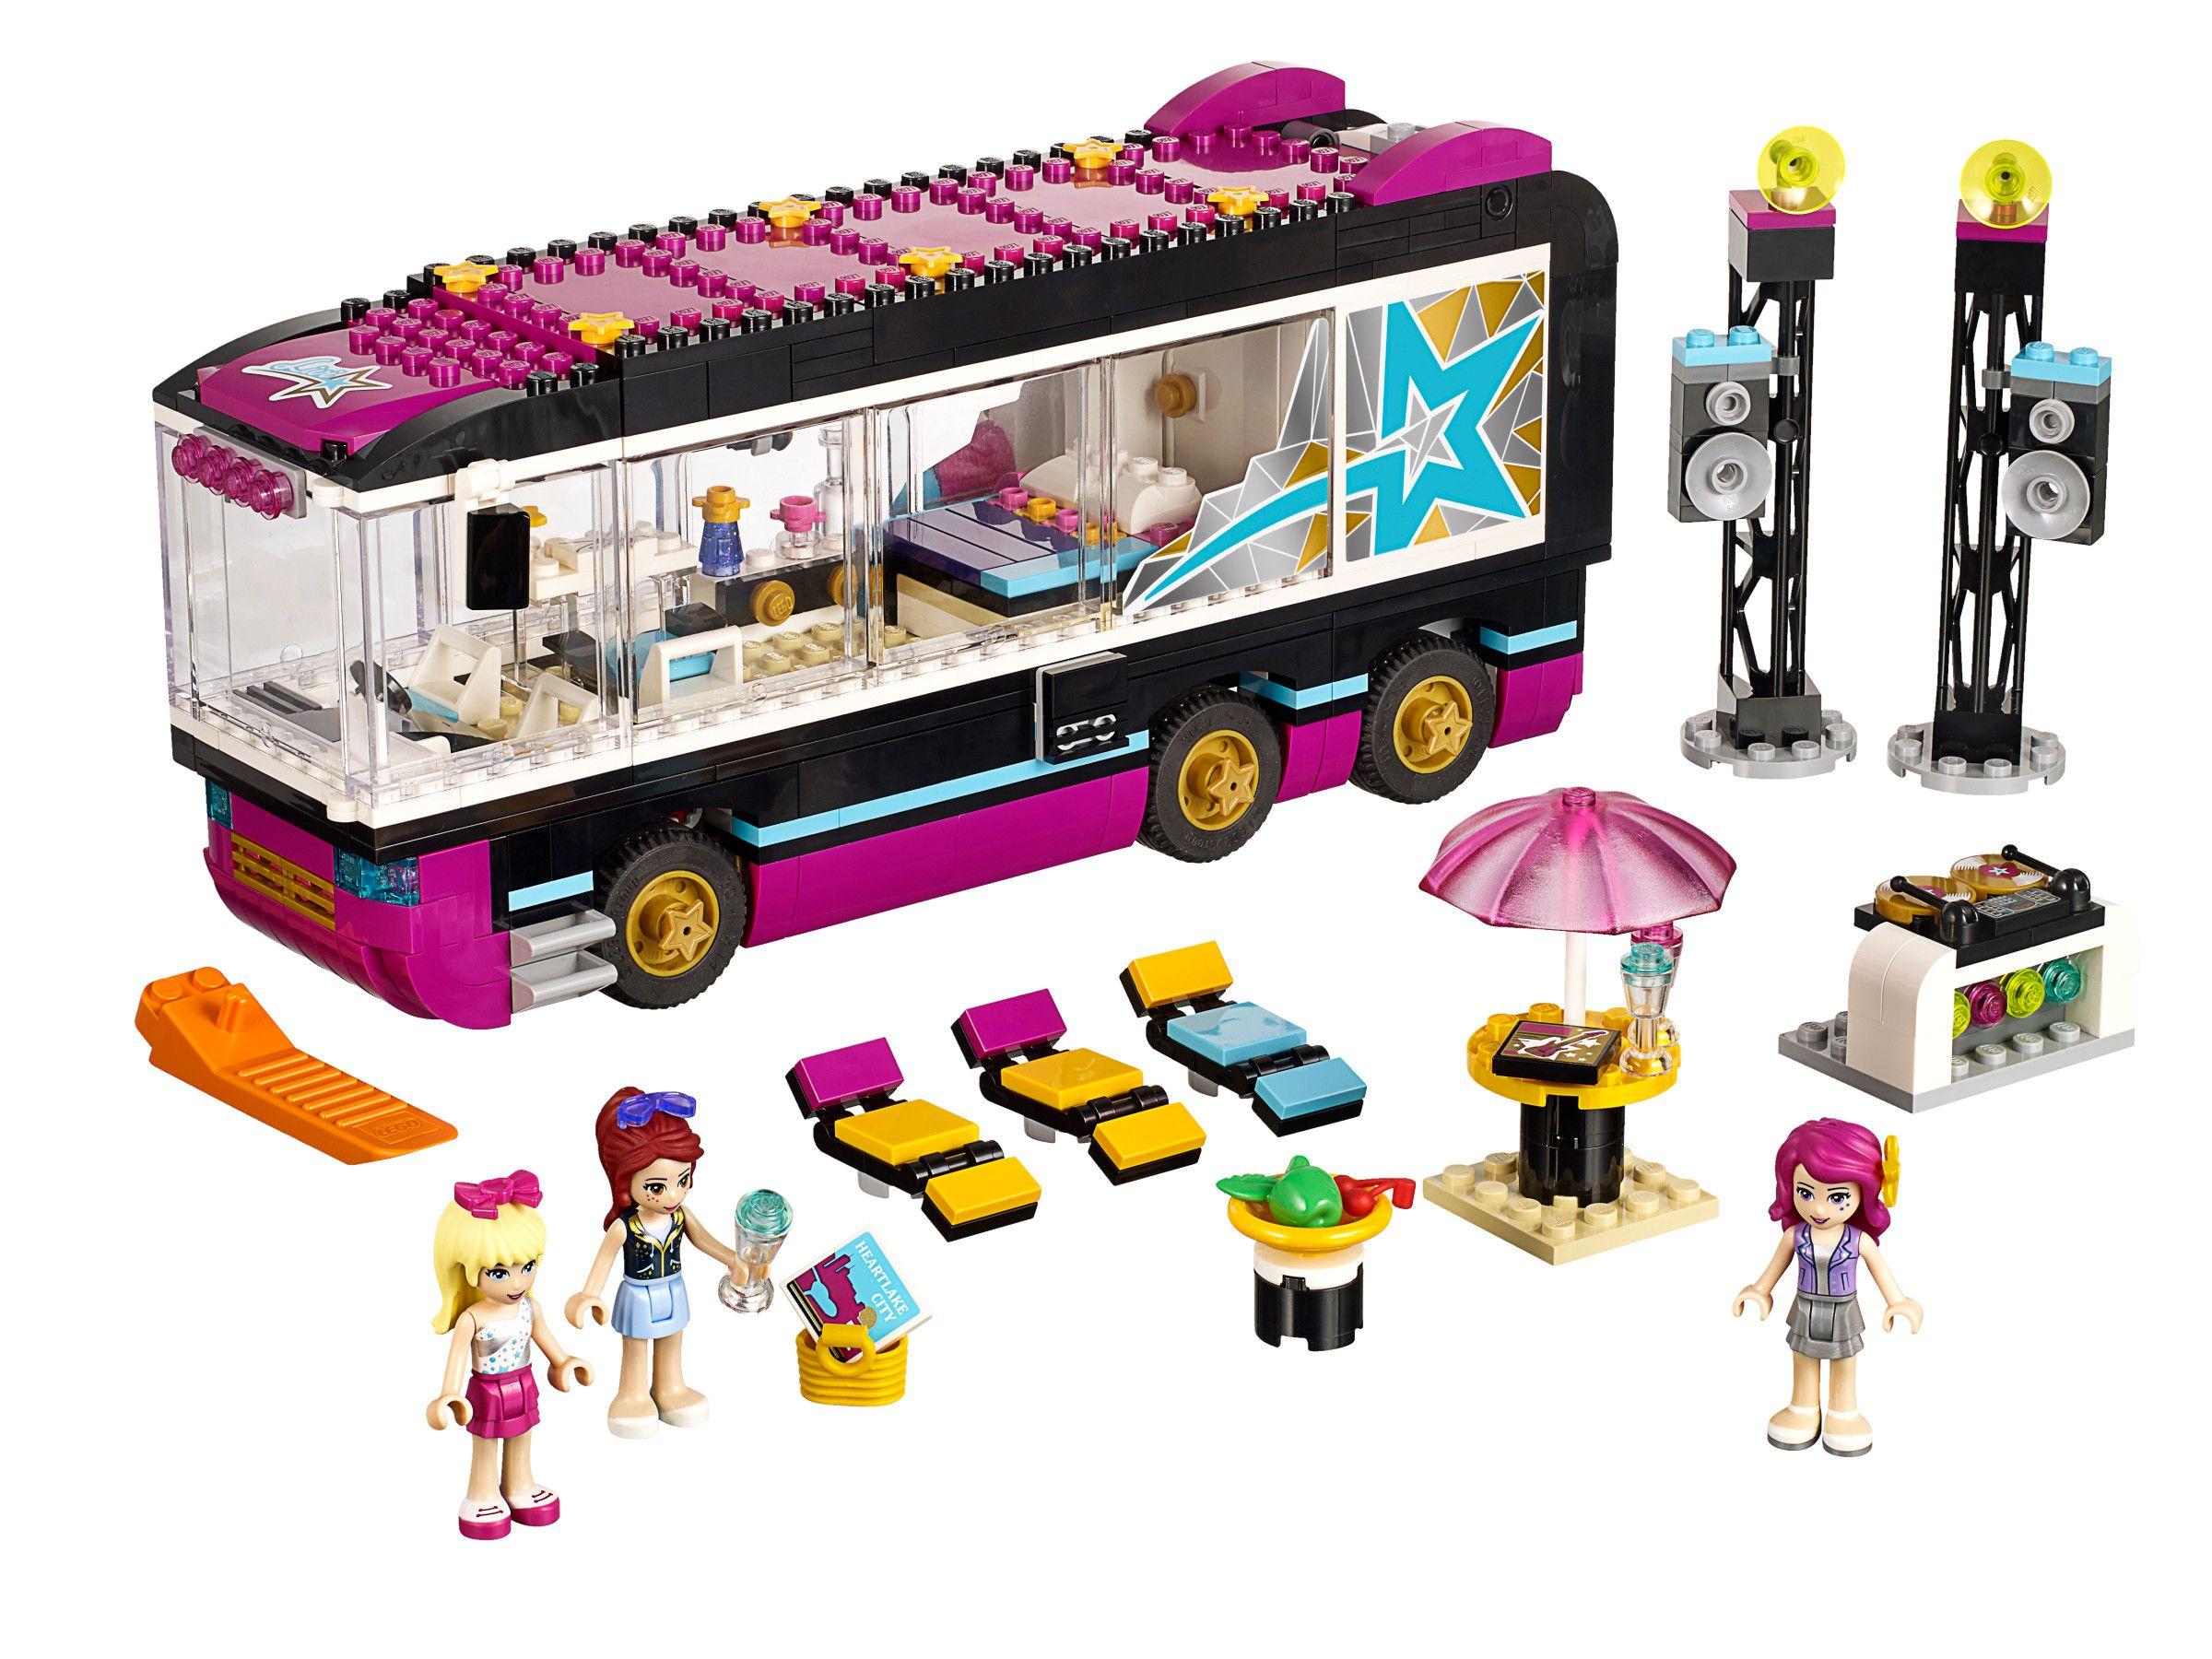 lego friends pop star 41106 la tourn e en bus achat vente assemblage construction cdiscount. Black Bedroom Furniture Sets. Home Design Ideas